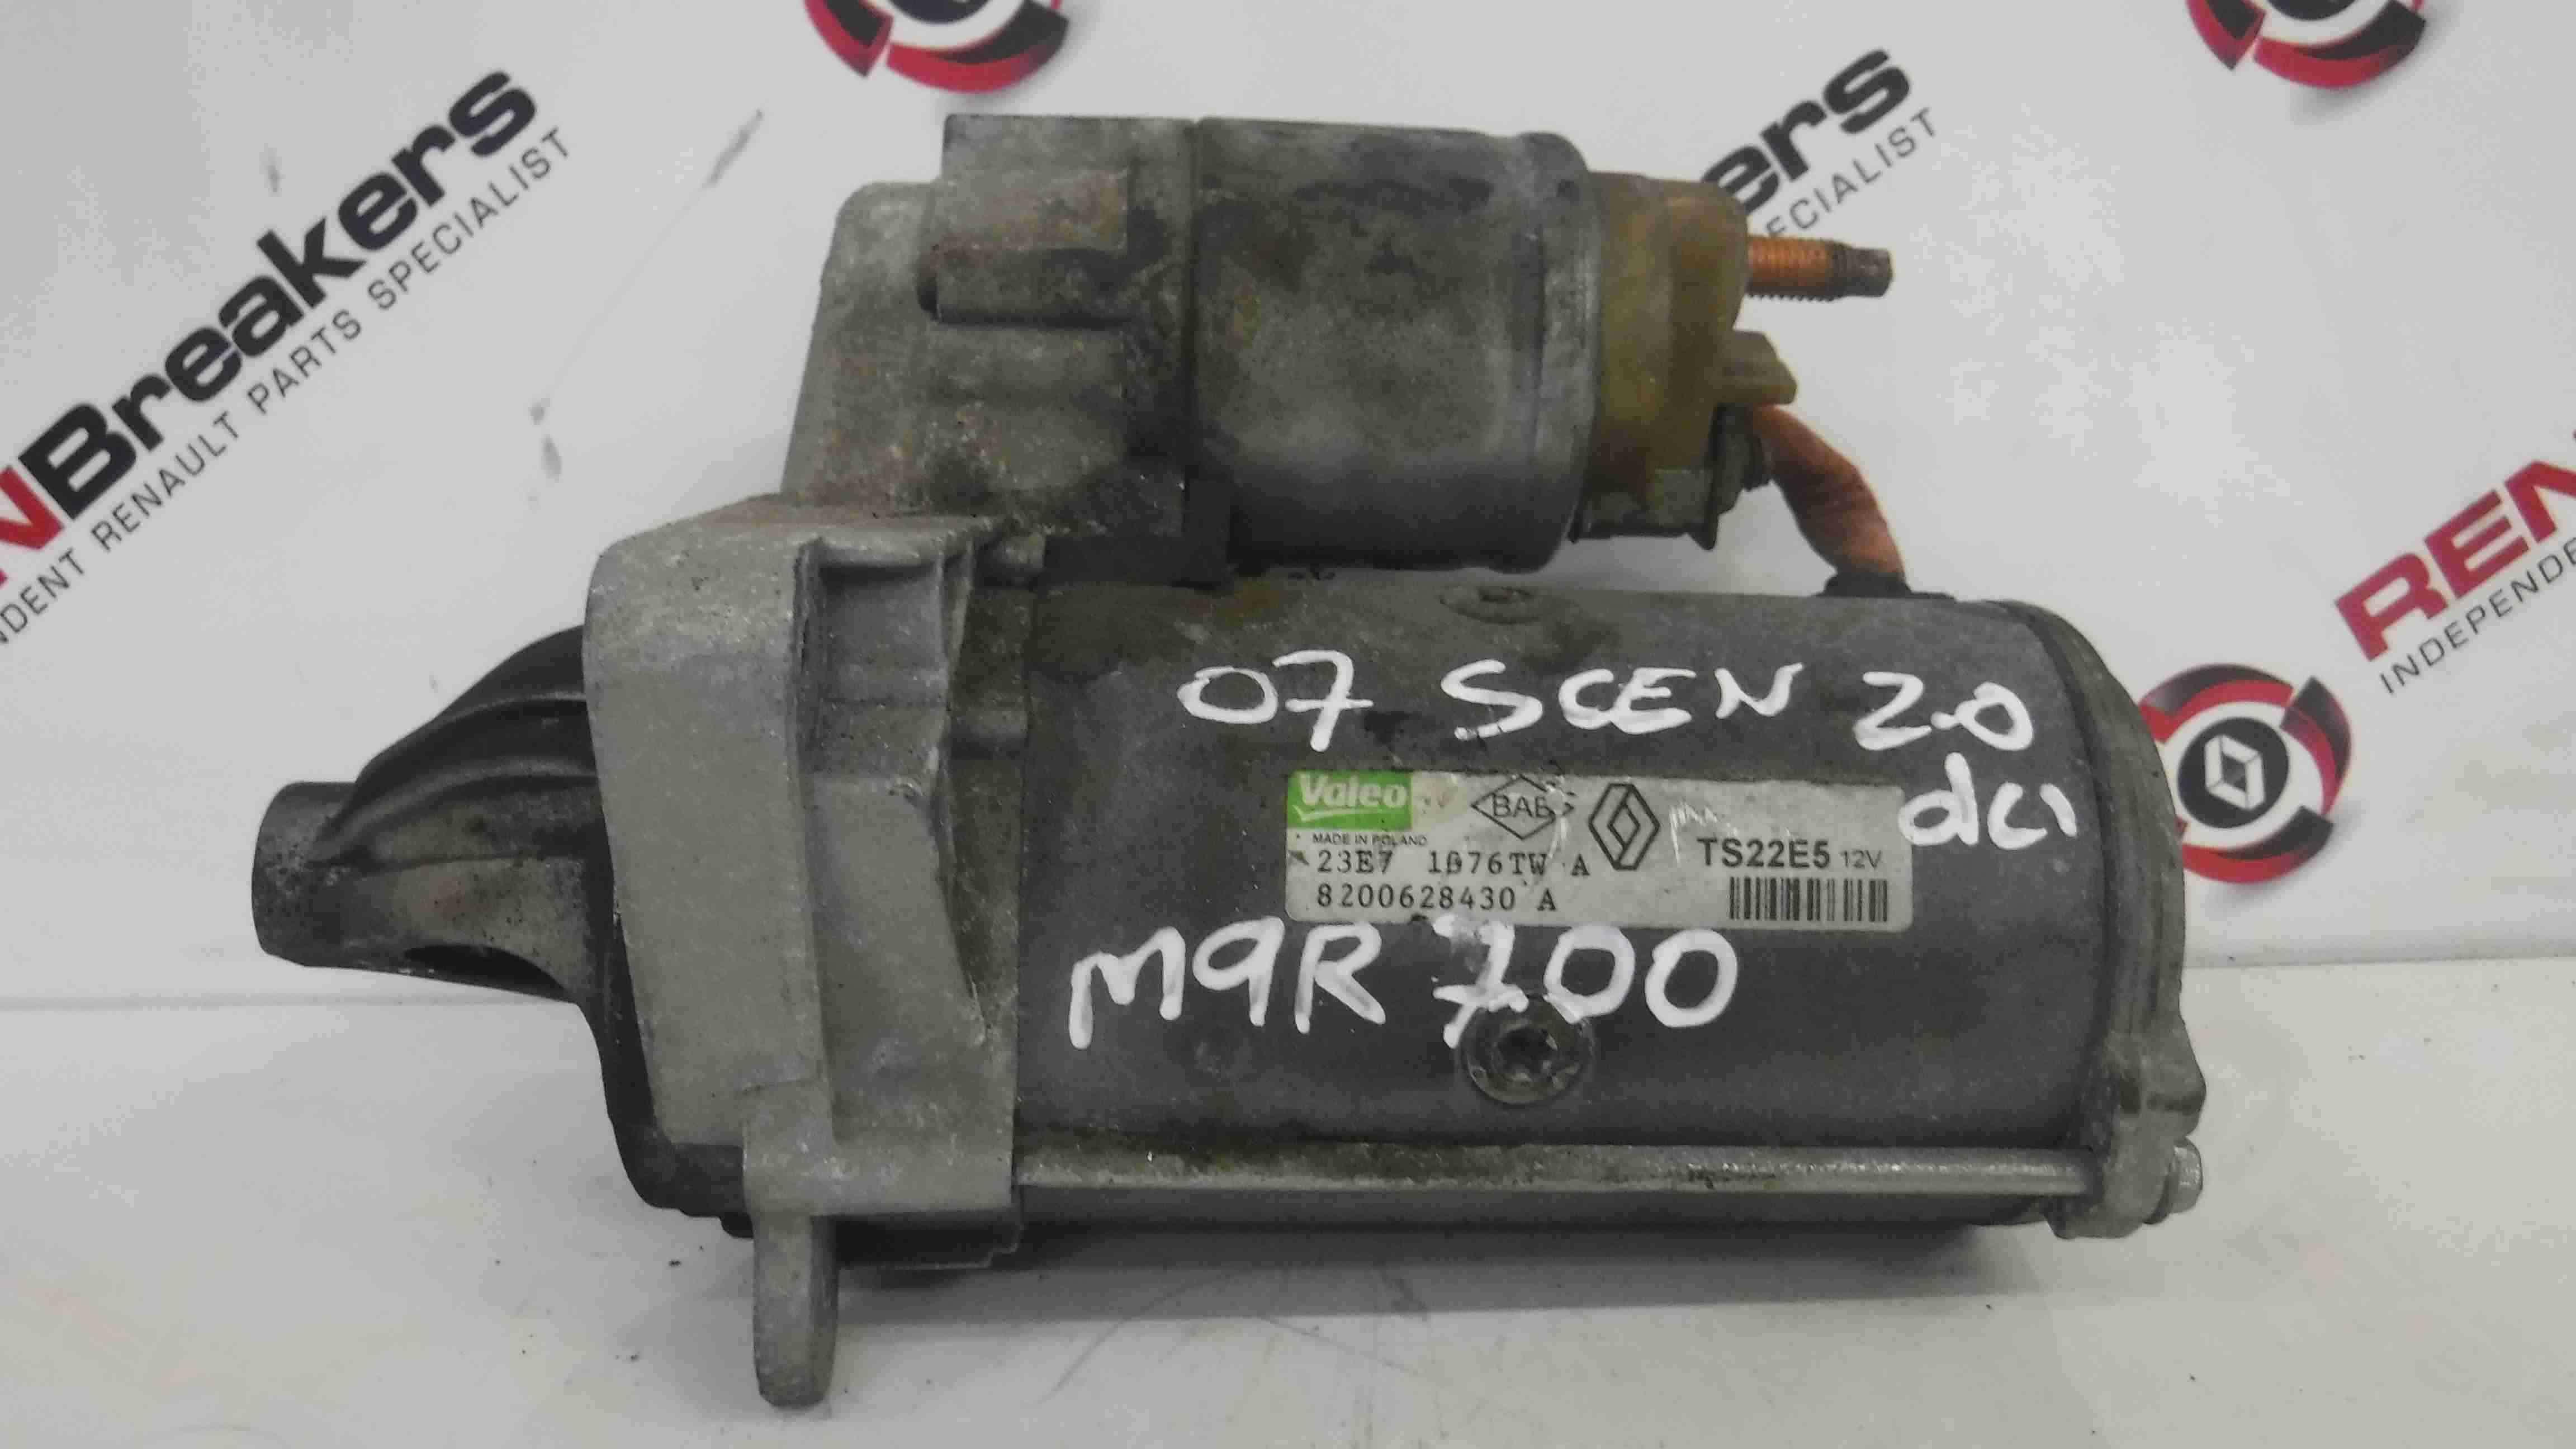 Renault Megane 2006-2008 2.0 dCi Starter Motor Starting M9R 700 740 8200628430